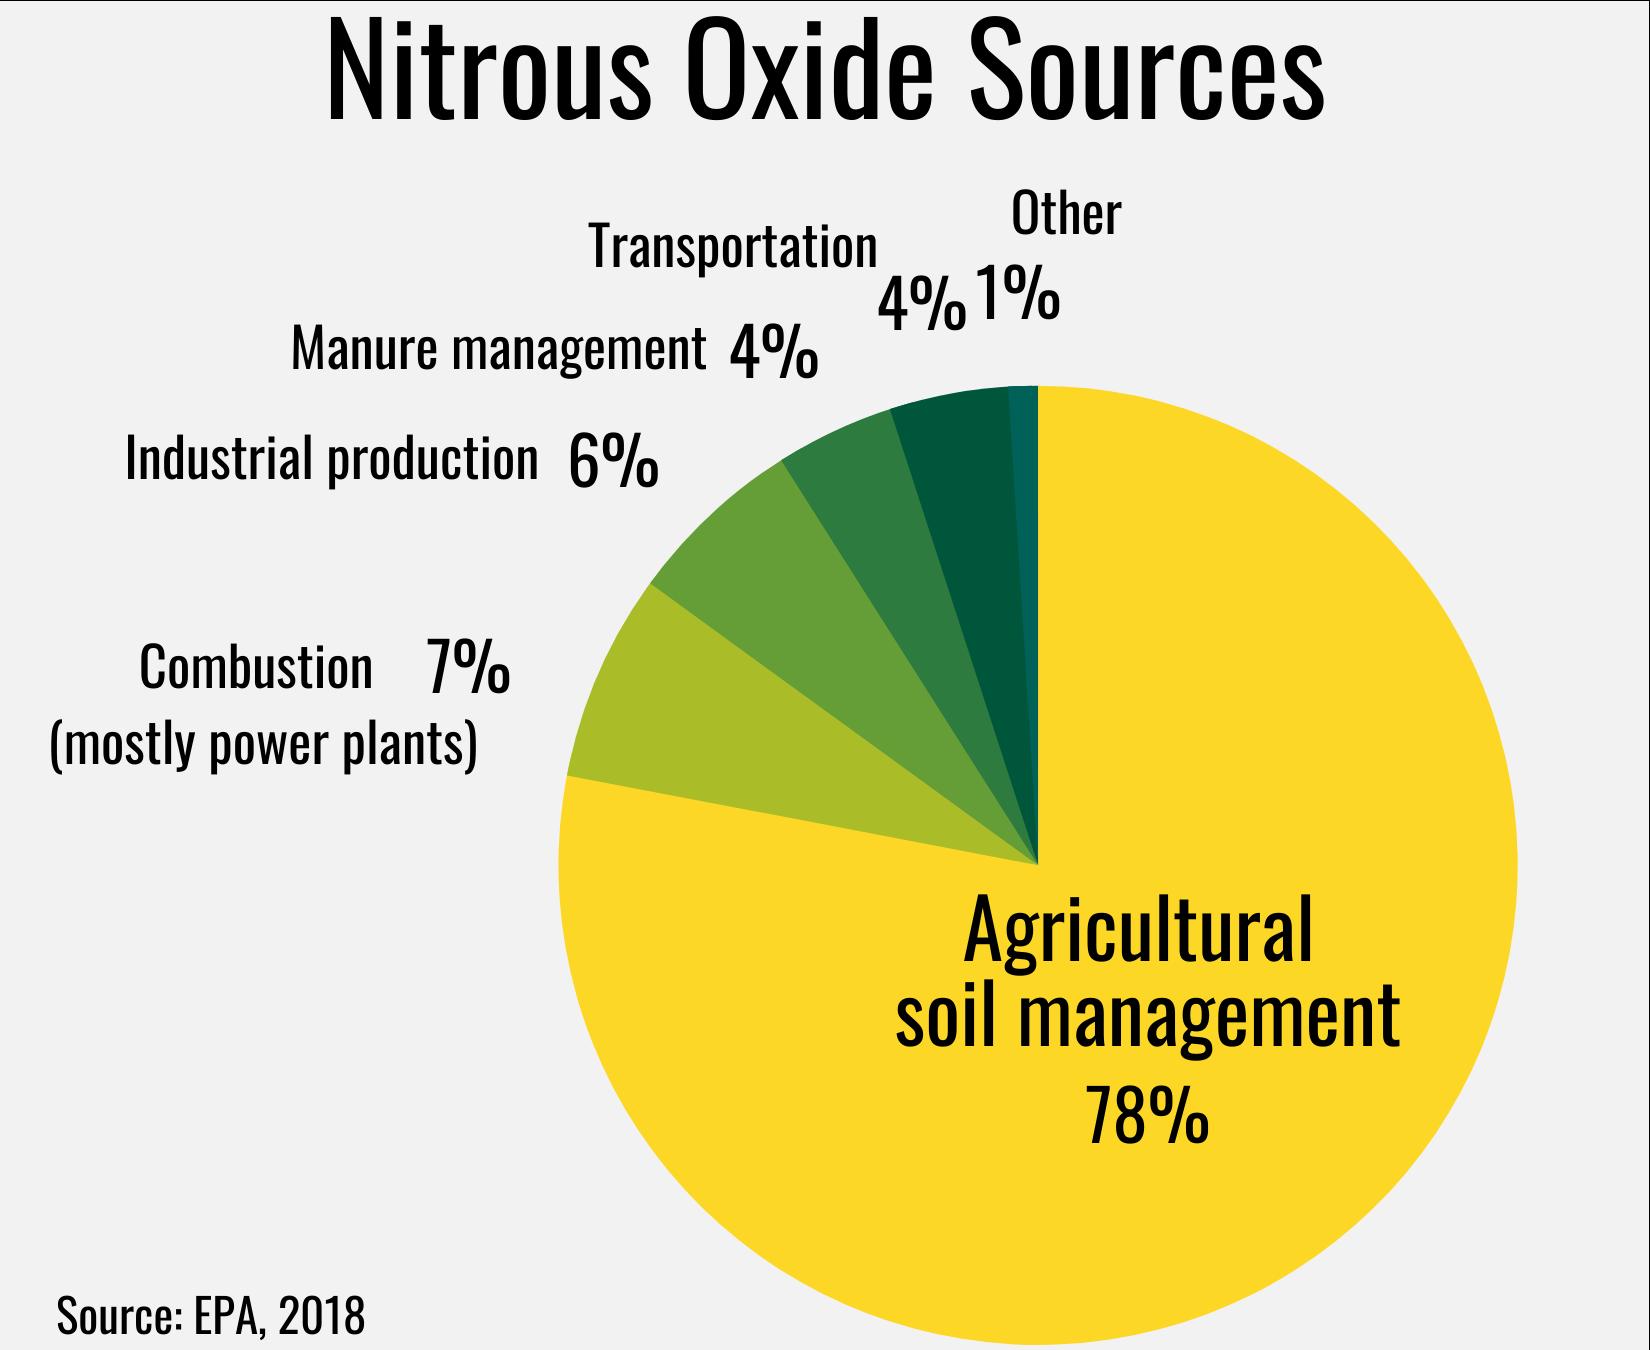 pie chart of nitrous oxide sources